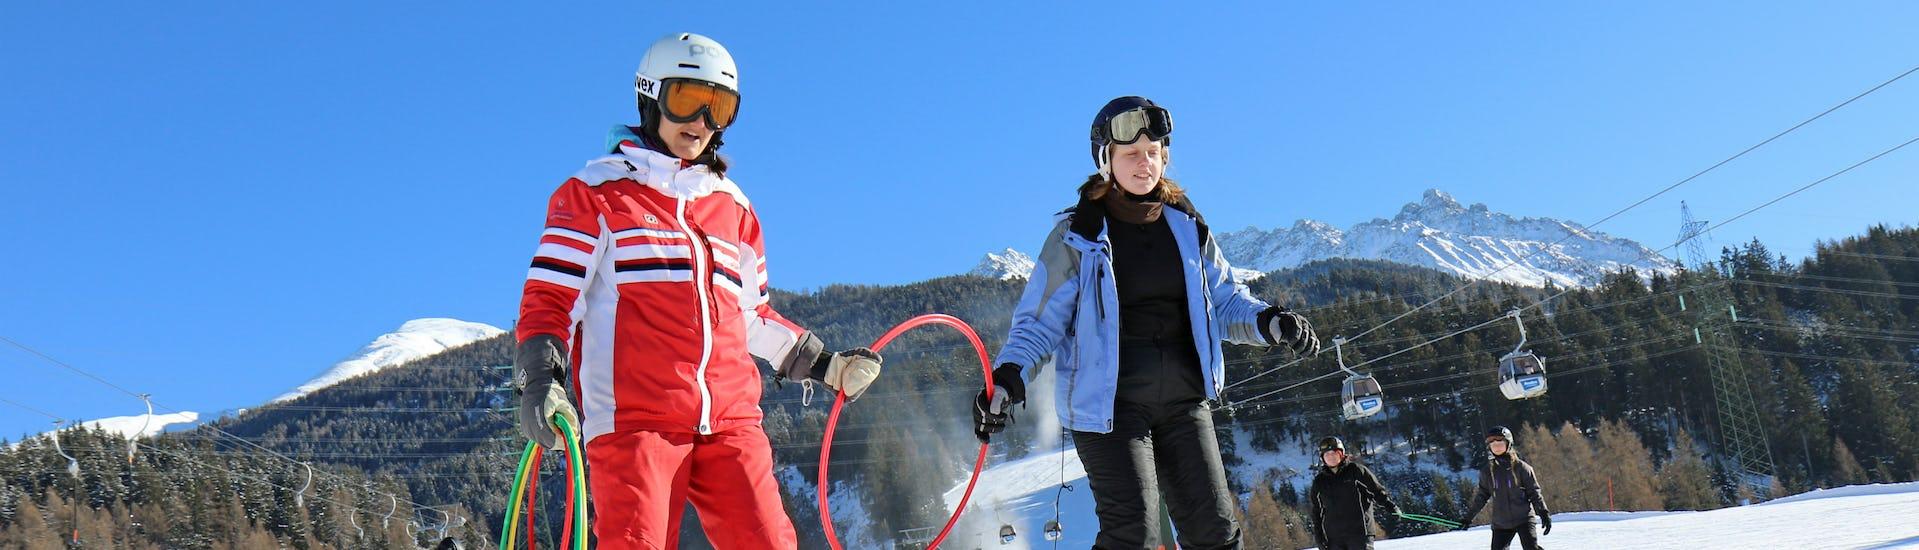 Ski Privatlehrer für Erwachsene in Serfaus-Fiss-Ladis